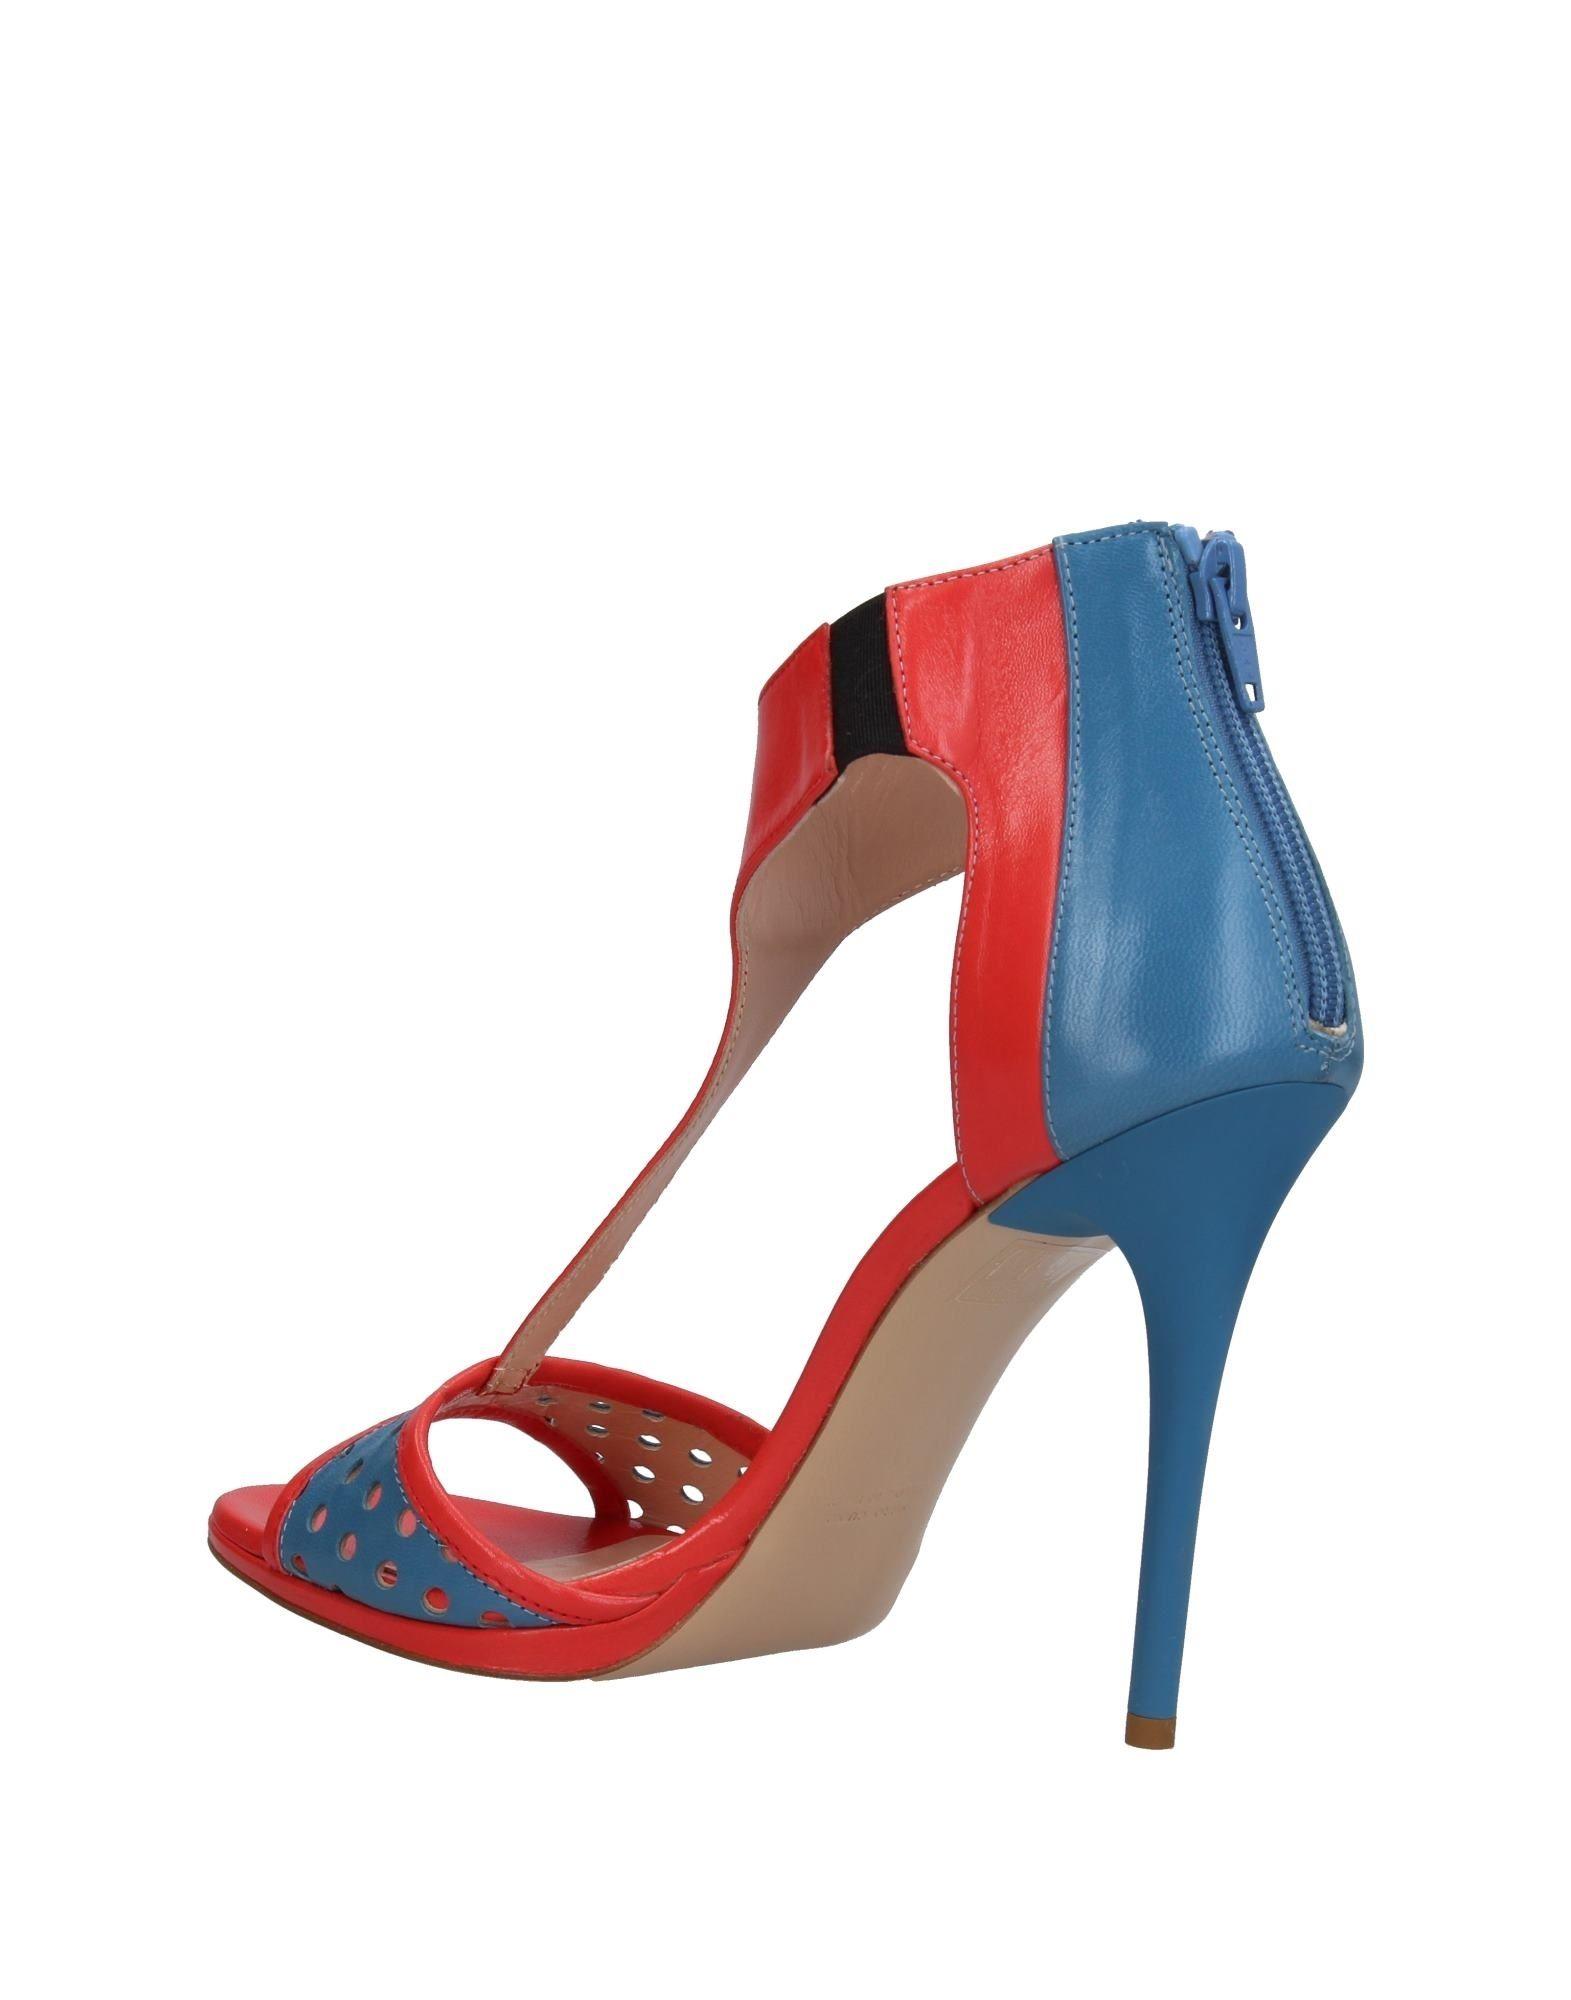 Islo Isabella Lorusso Sandalen Neue Damen  11375086ED Neue Sandalen Schuhe 03b789